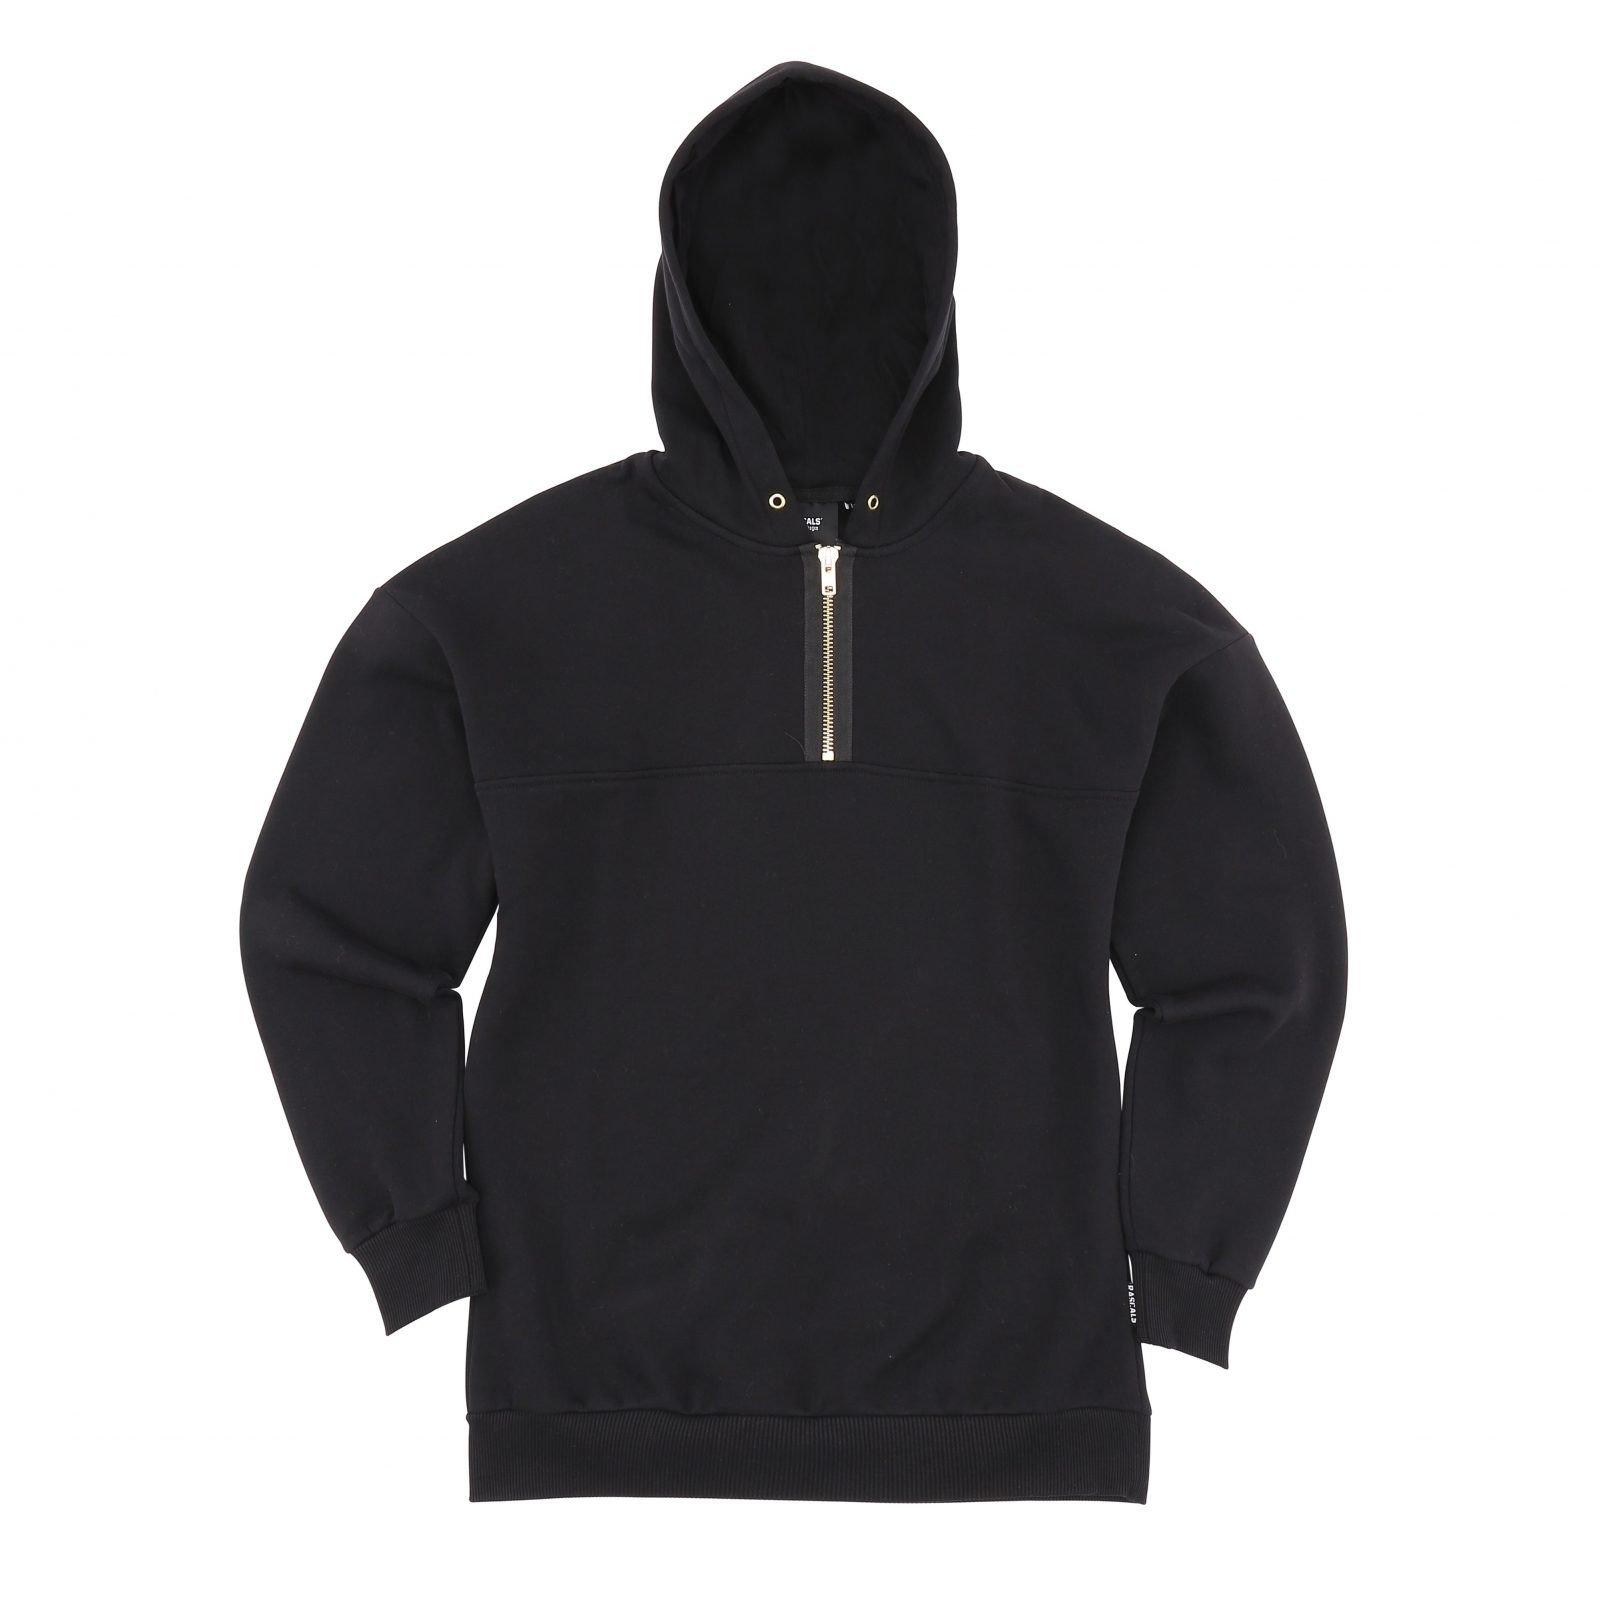 savage-zip-hoody-black